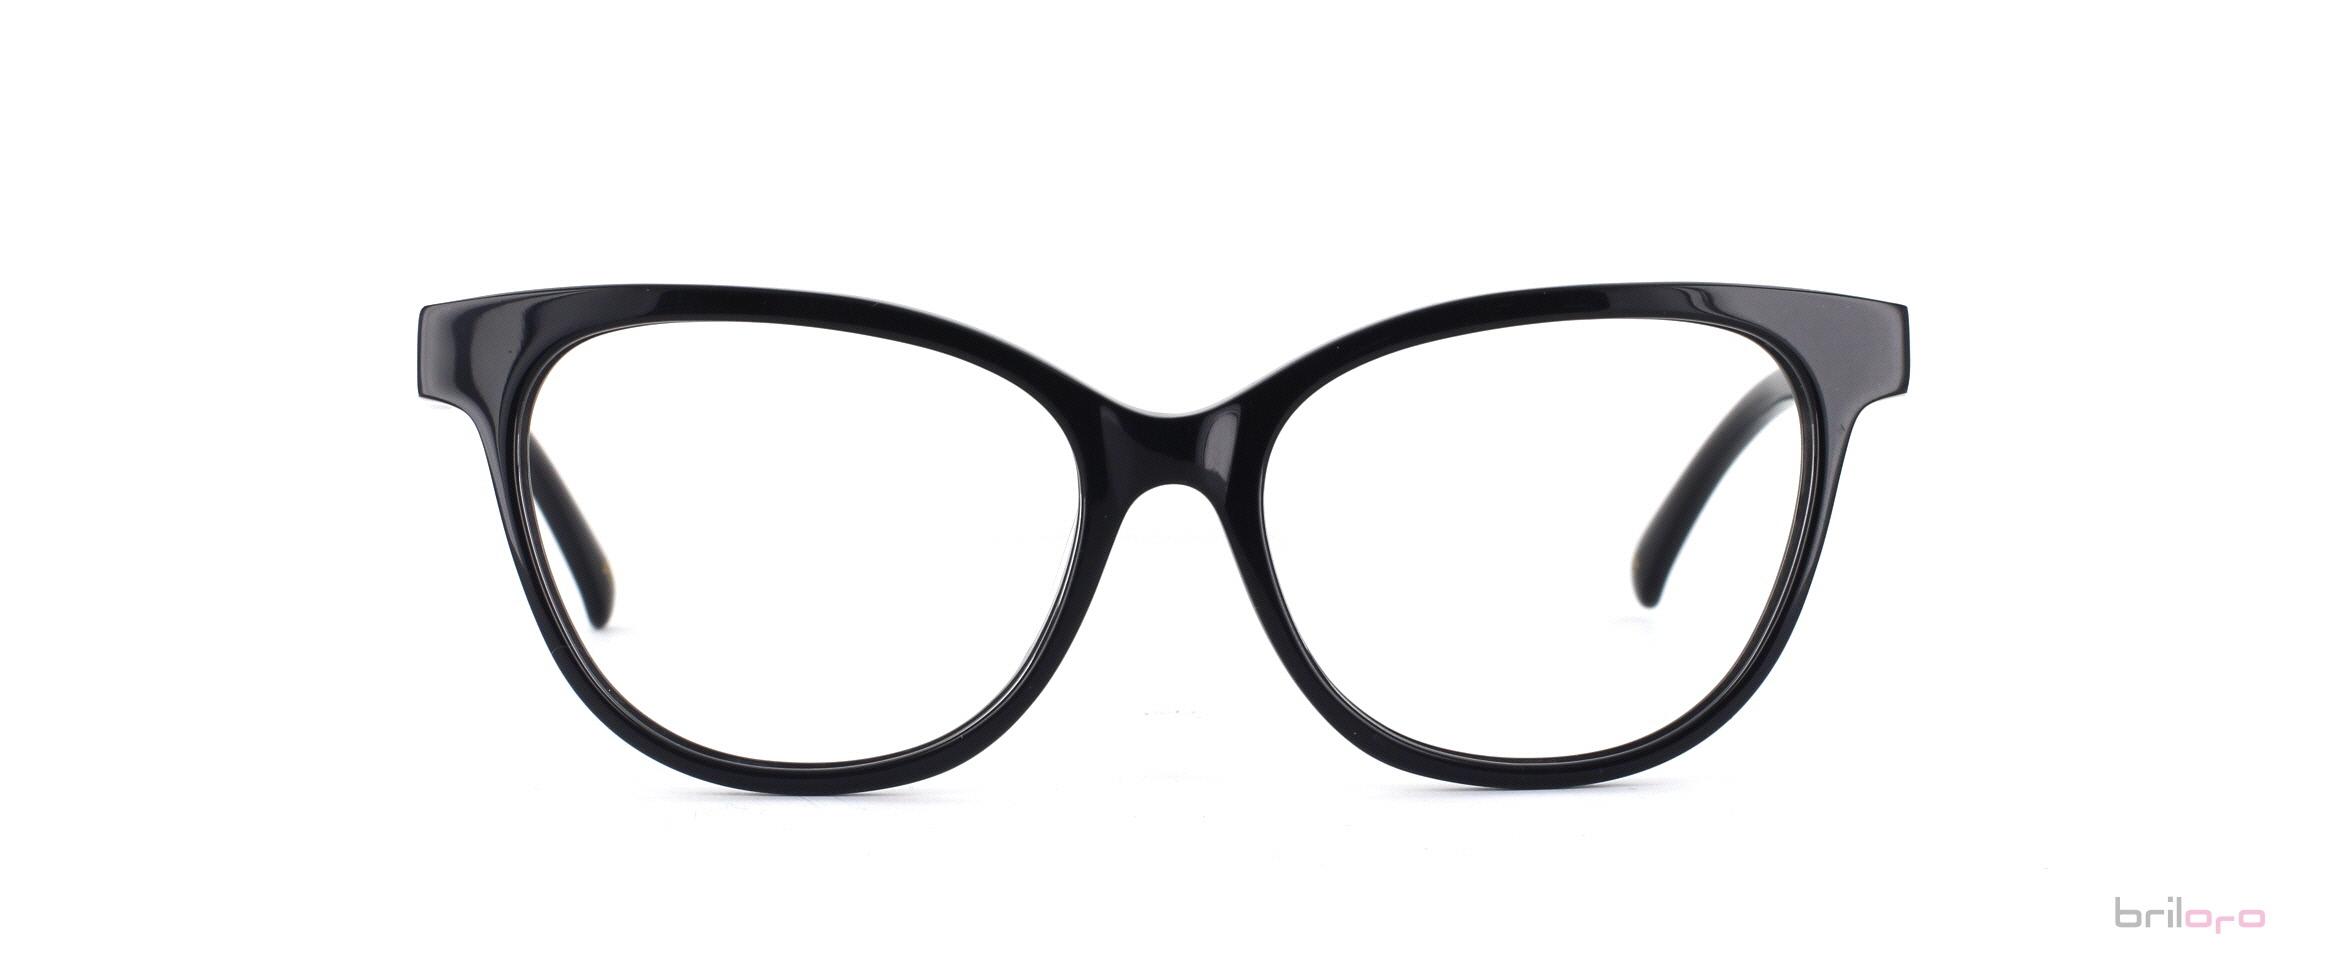 Madonna Jet Black Brillefür eckige Gesichter jetzt bei Brillo kaufen!